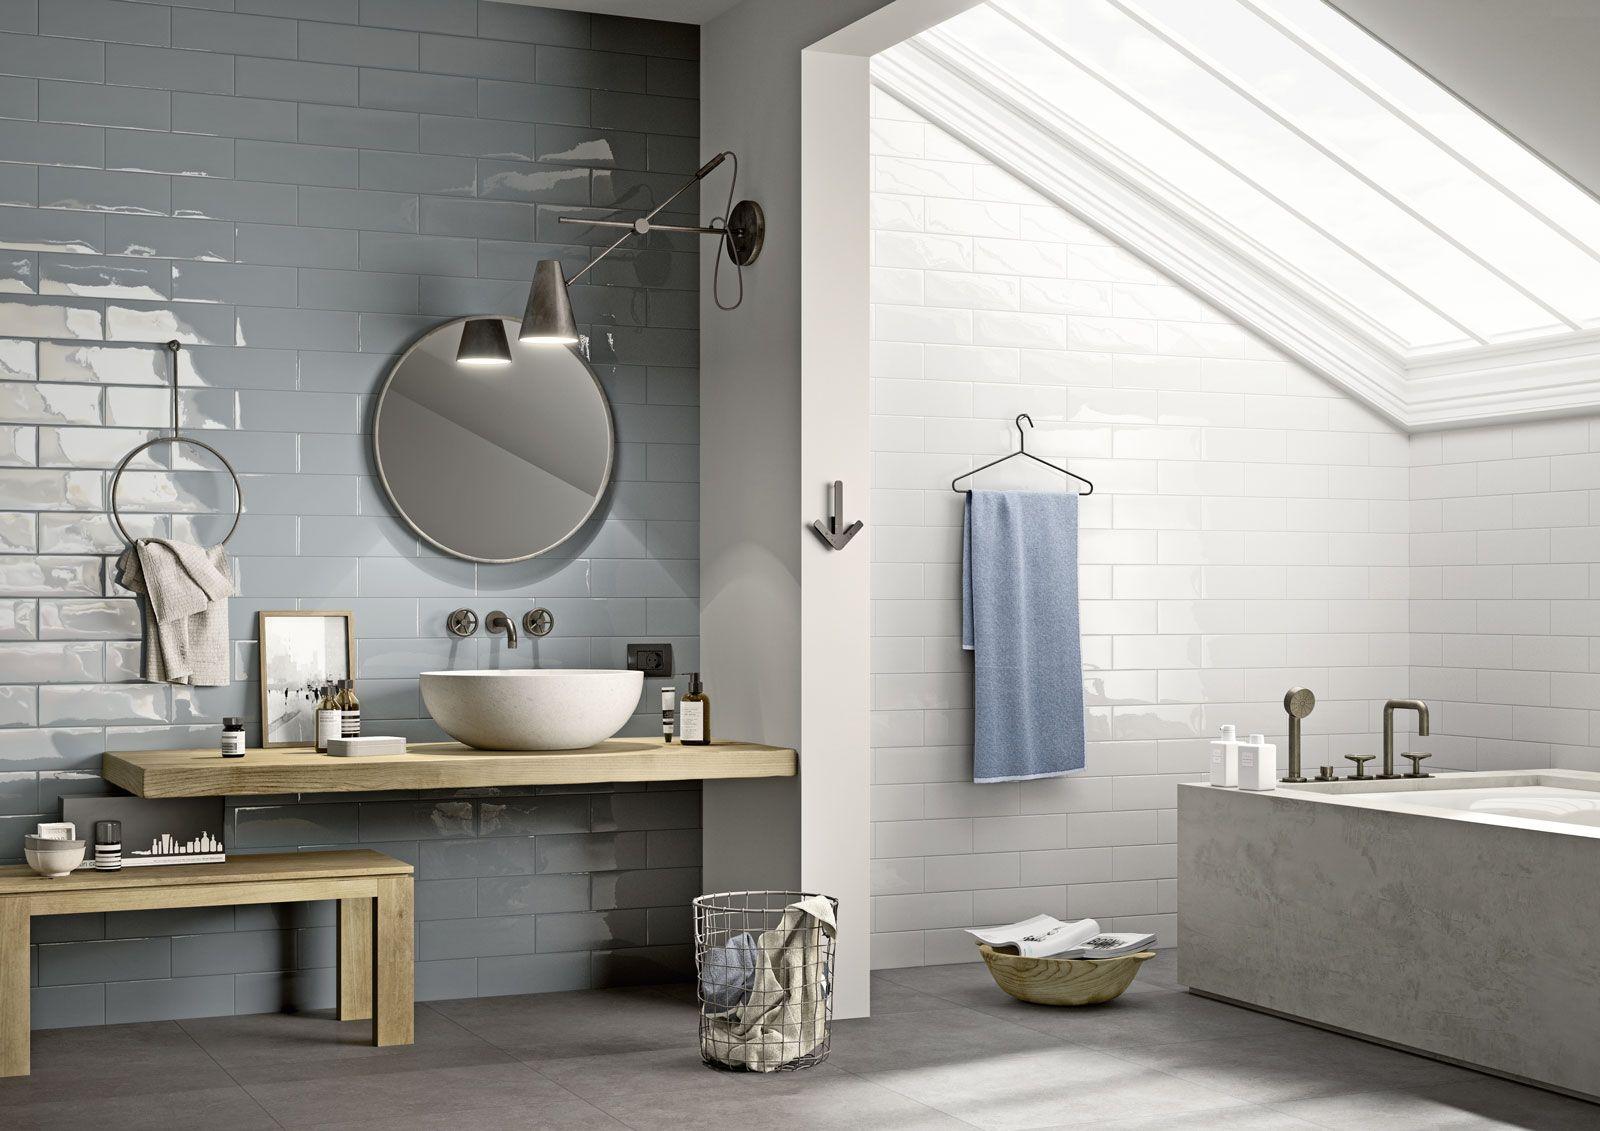 Mellow piastrelle ceramica da rivestimento marazzi bagno by